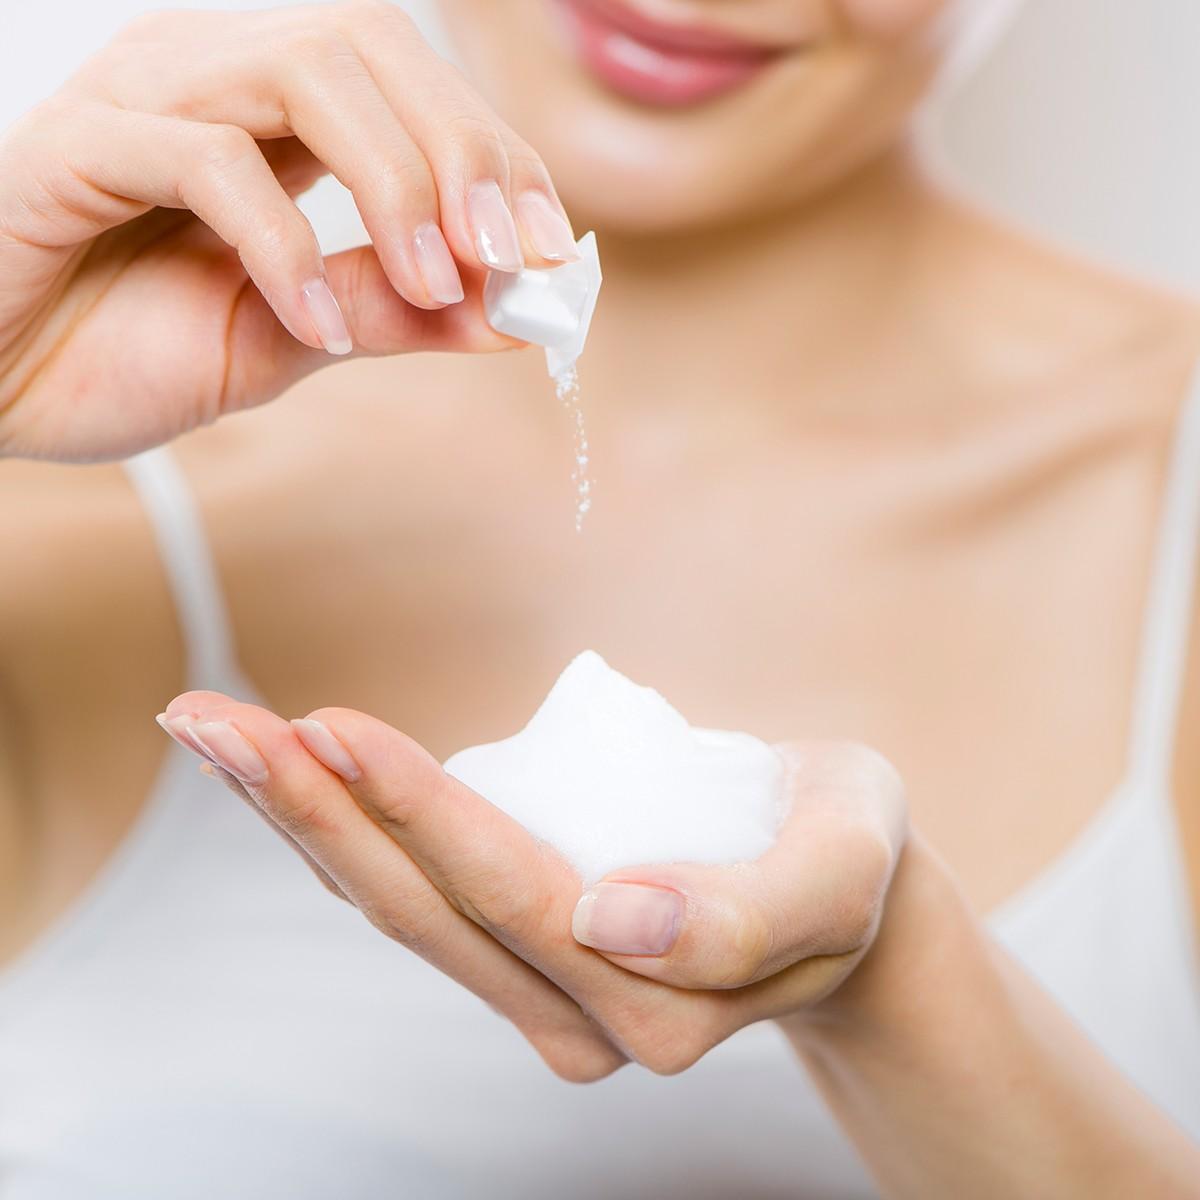 お手入れ前にひと手間プラス!  酵素洗顔料と美白化粧水で「黒ずみ」毛穴を目立たなく_1_2